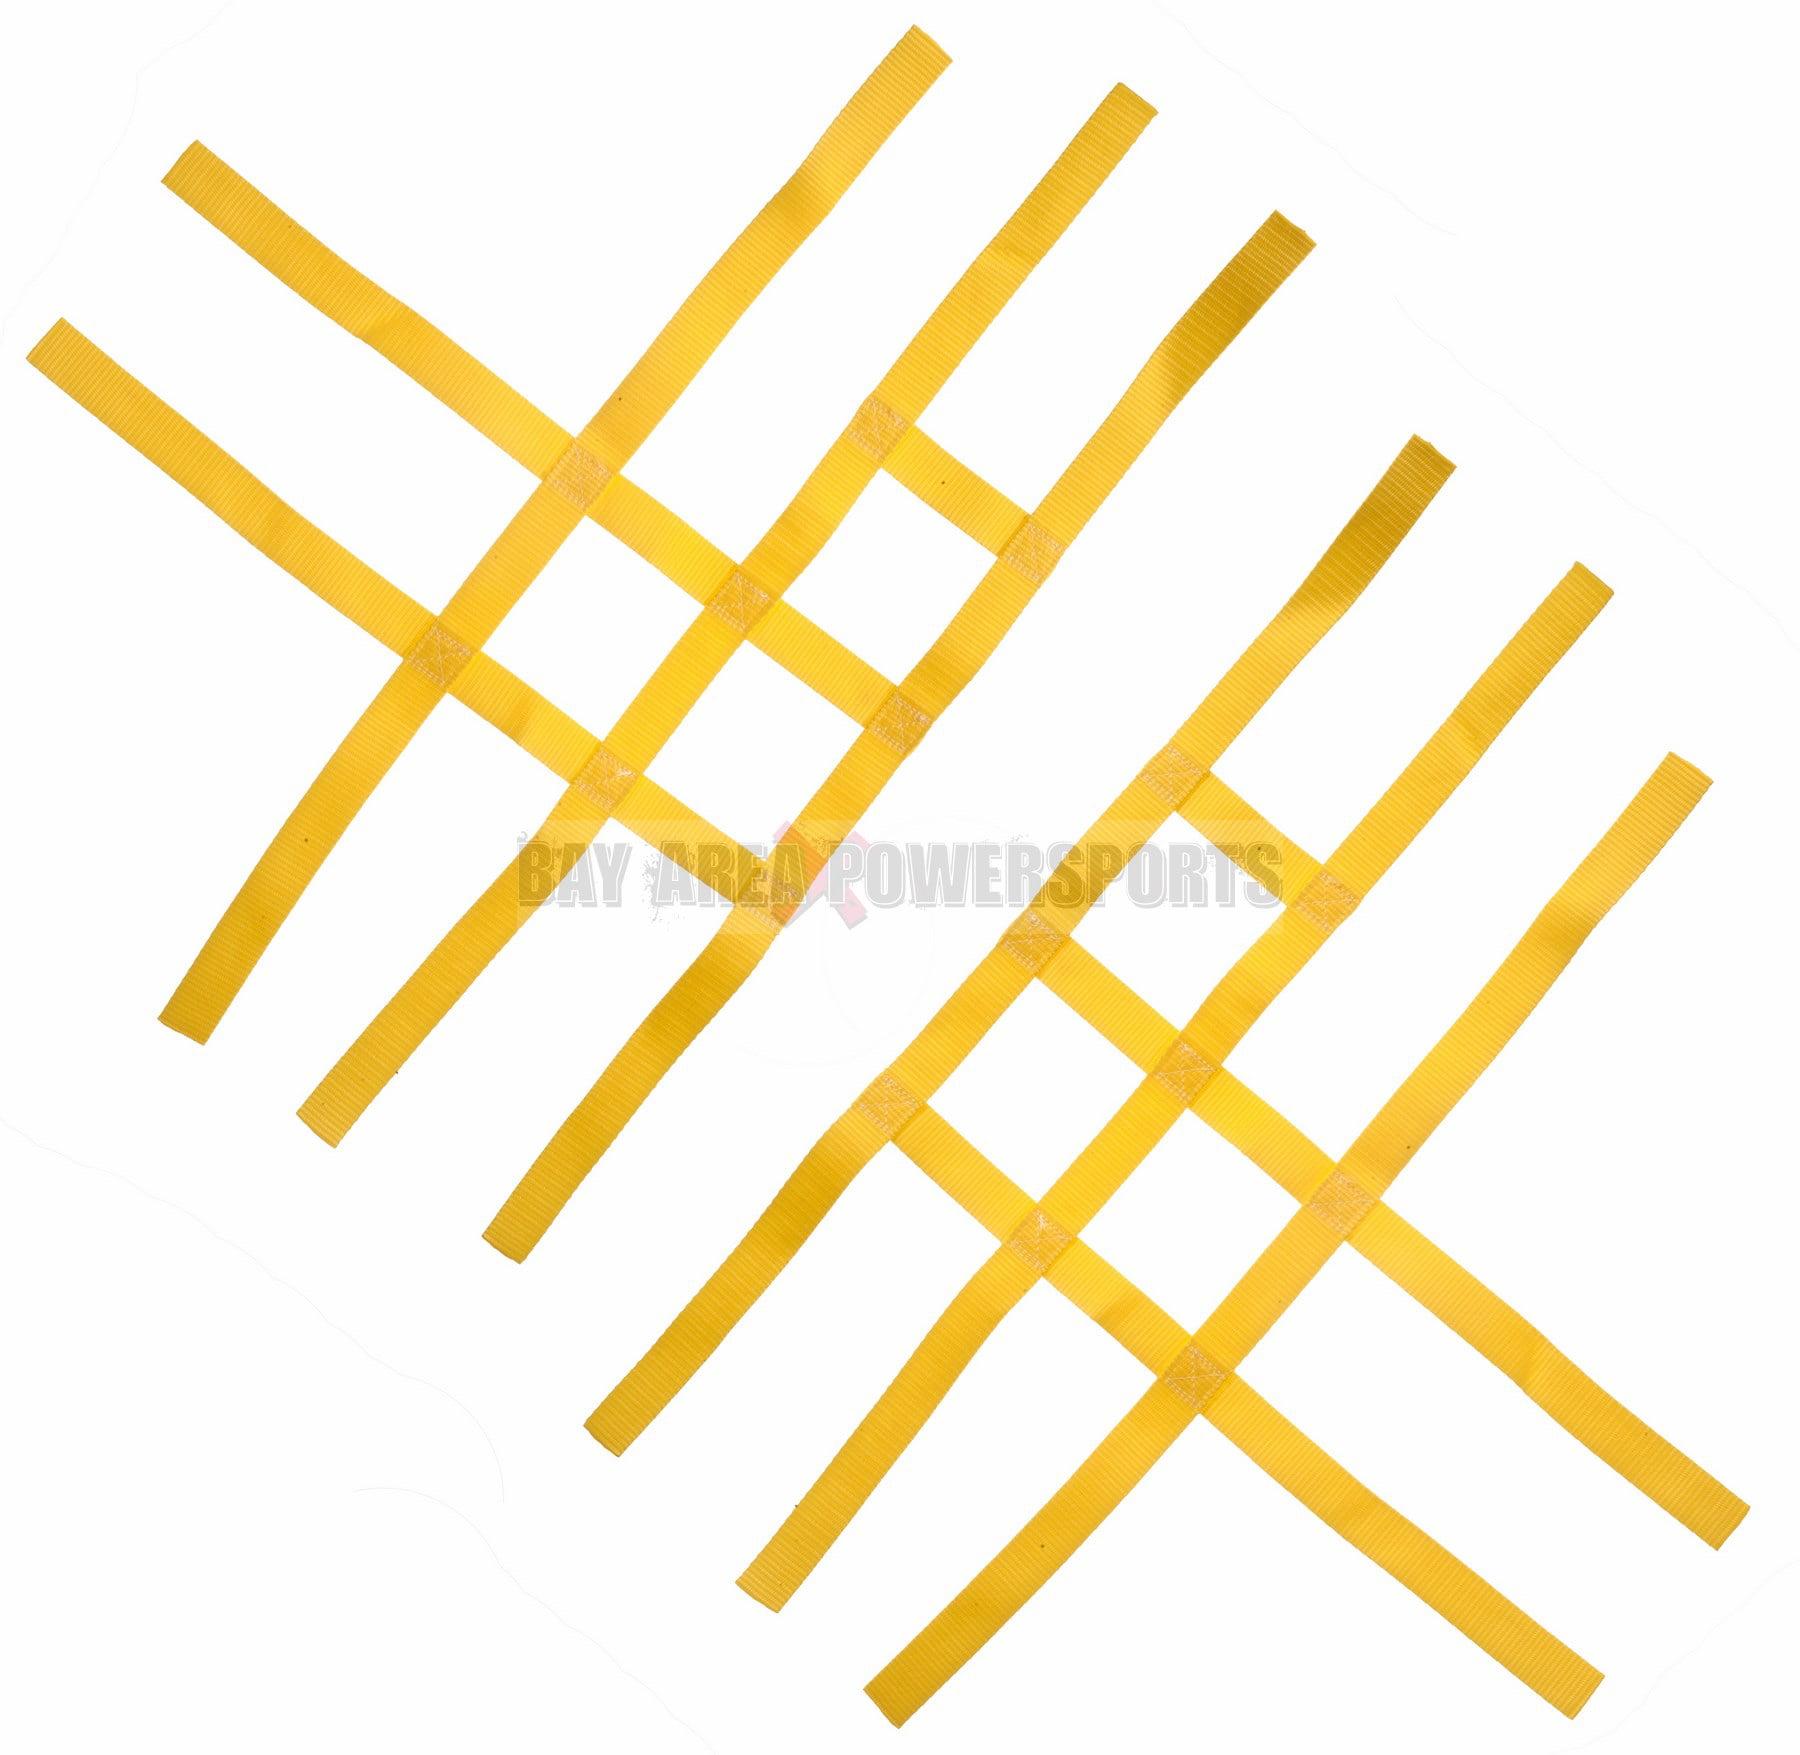 Nerf Bar Nets for Tusk Alba 757 Titan Fits Honda Yamaha Suzuki Kawasaki Yellow